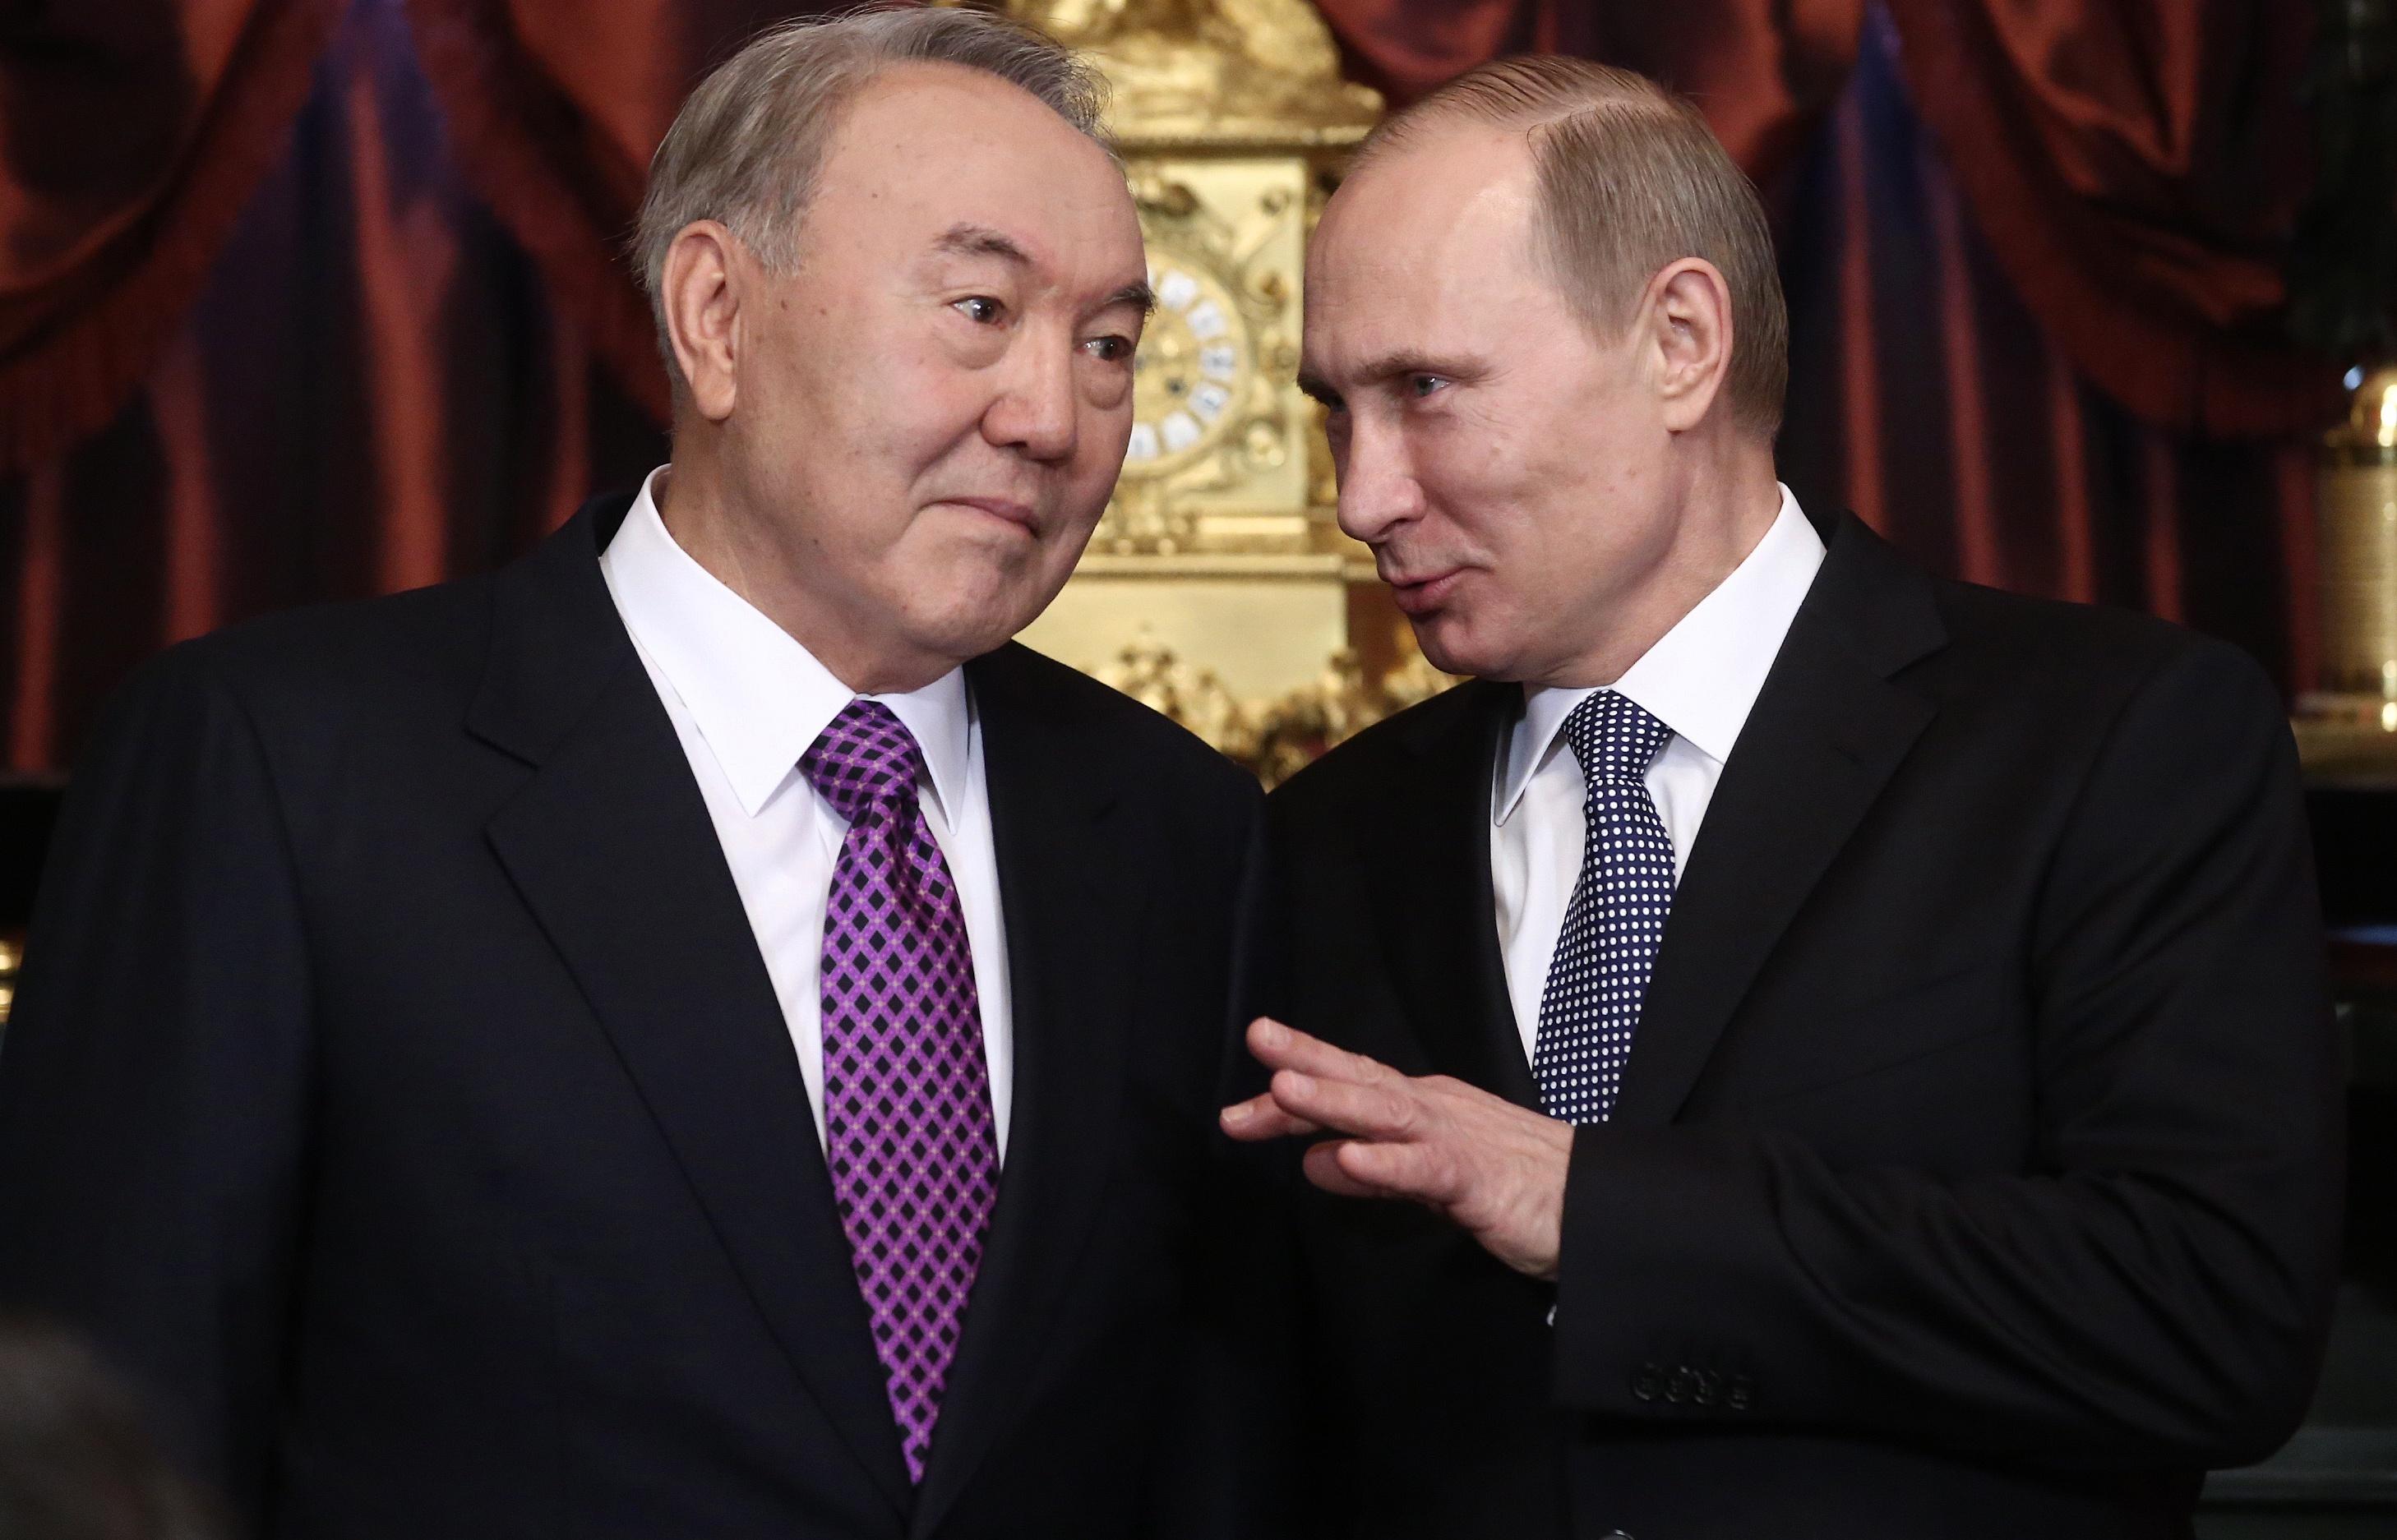 Вован пытался заманить американцев  через старого гандона Назарбаева на